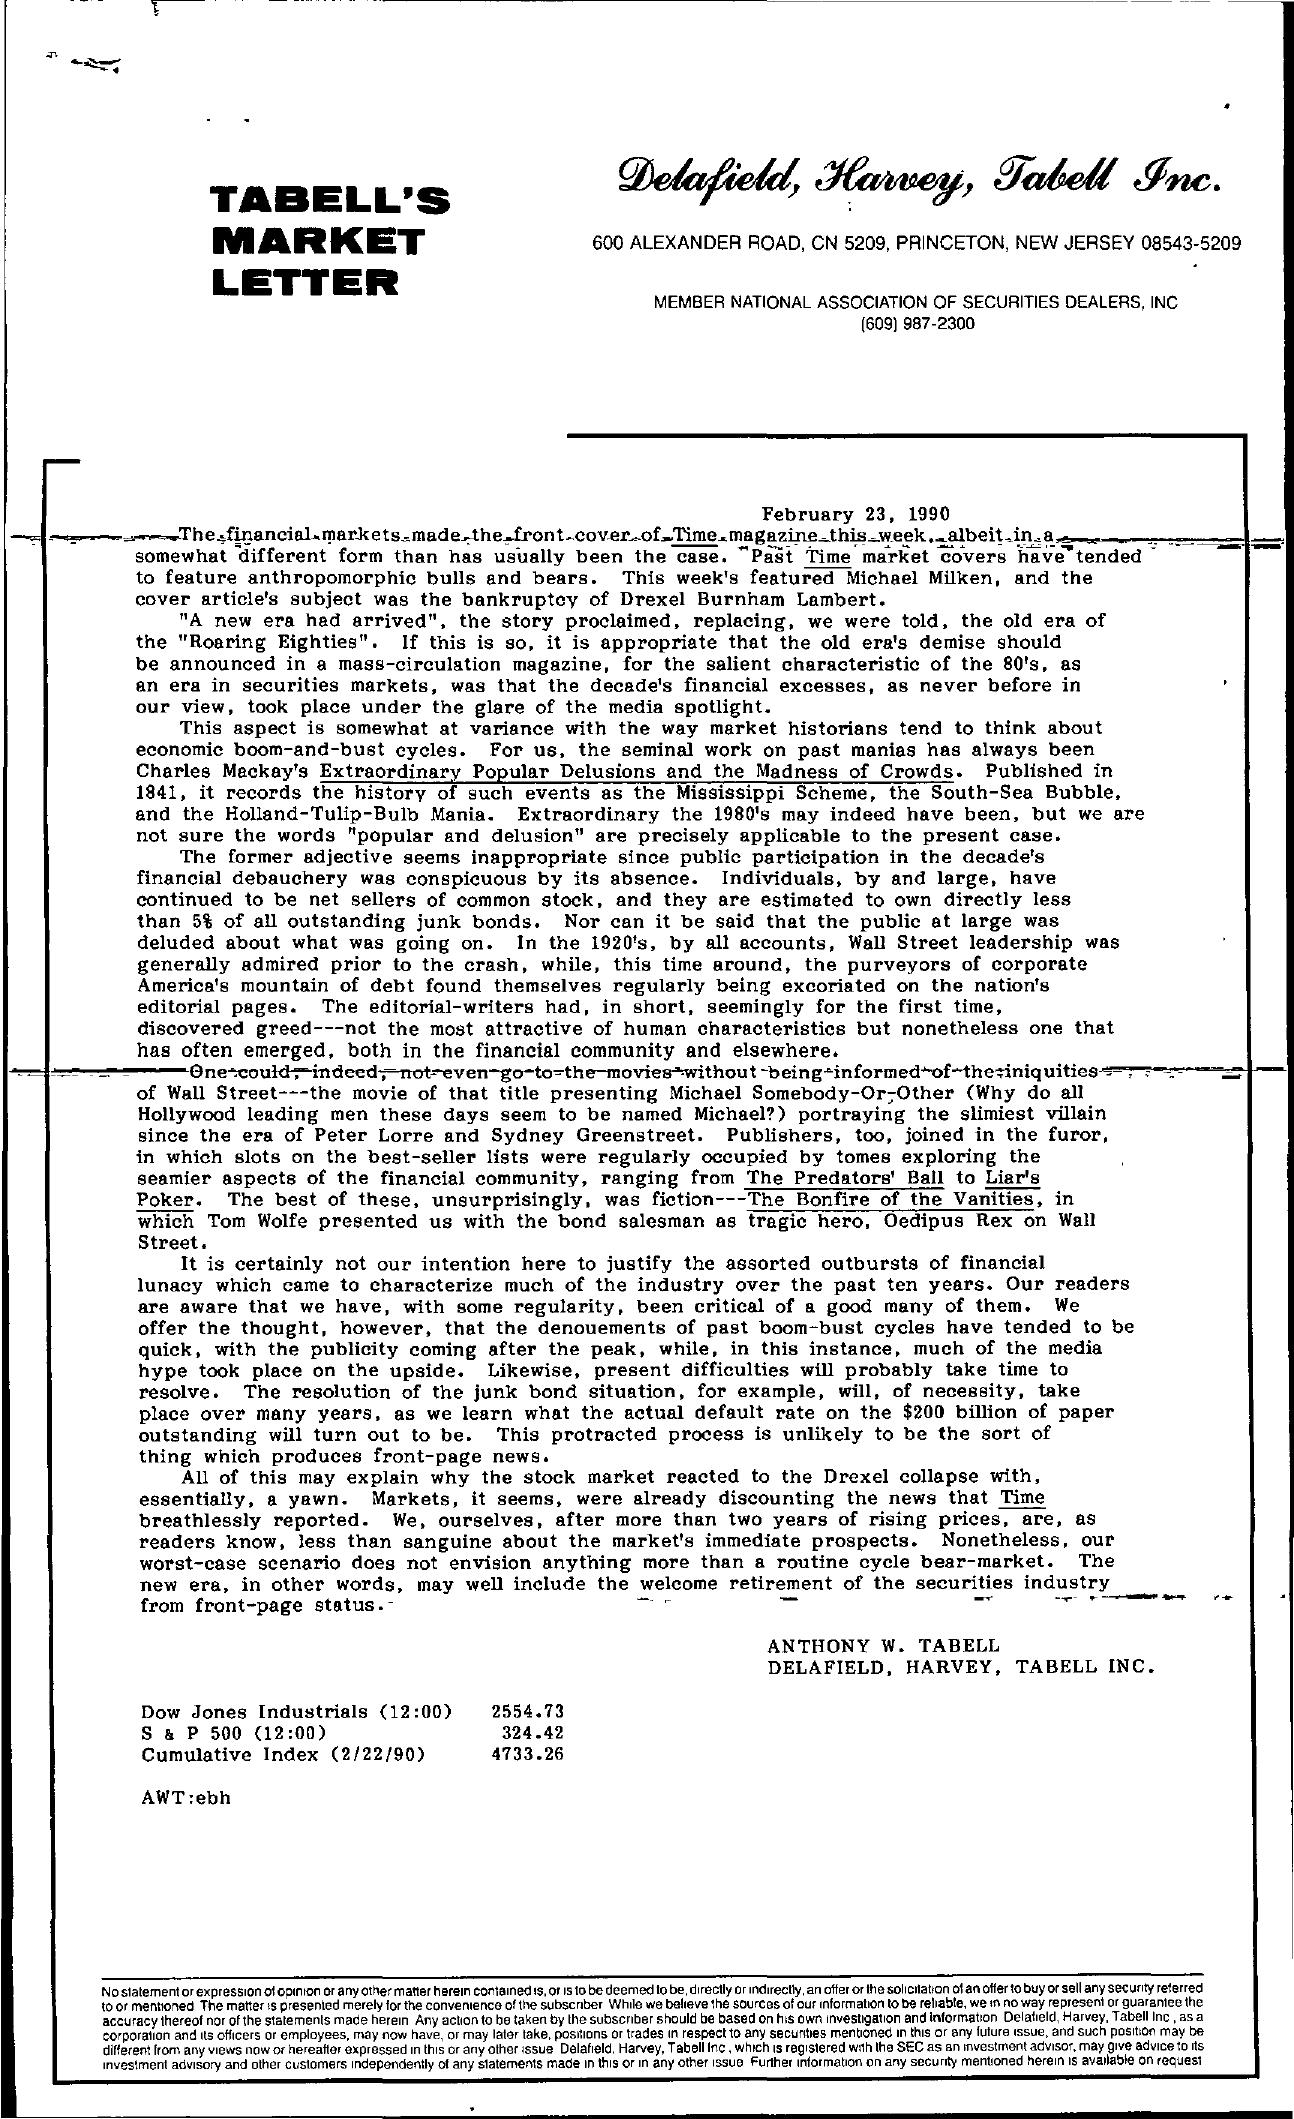 Tabell's Market Letter - February 23, 1990